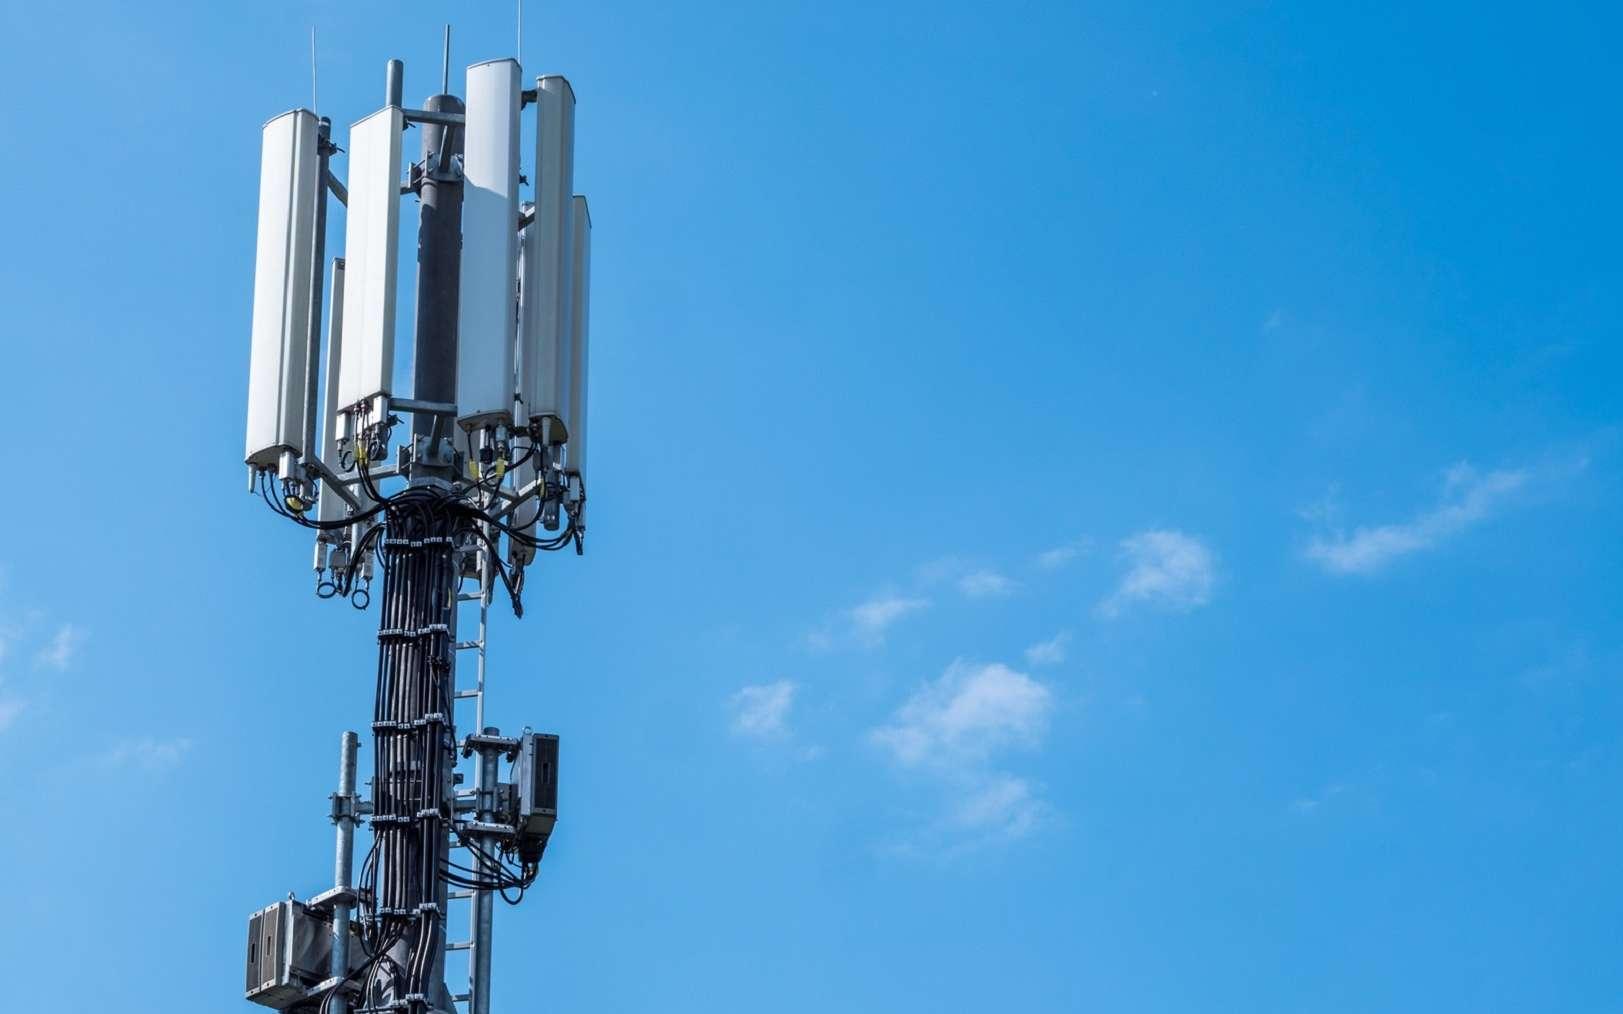 Les antennes relais sont à l'origine d'un champ électromagnétique aux alentours. © animaflora, Fotolia